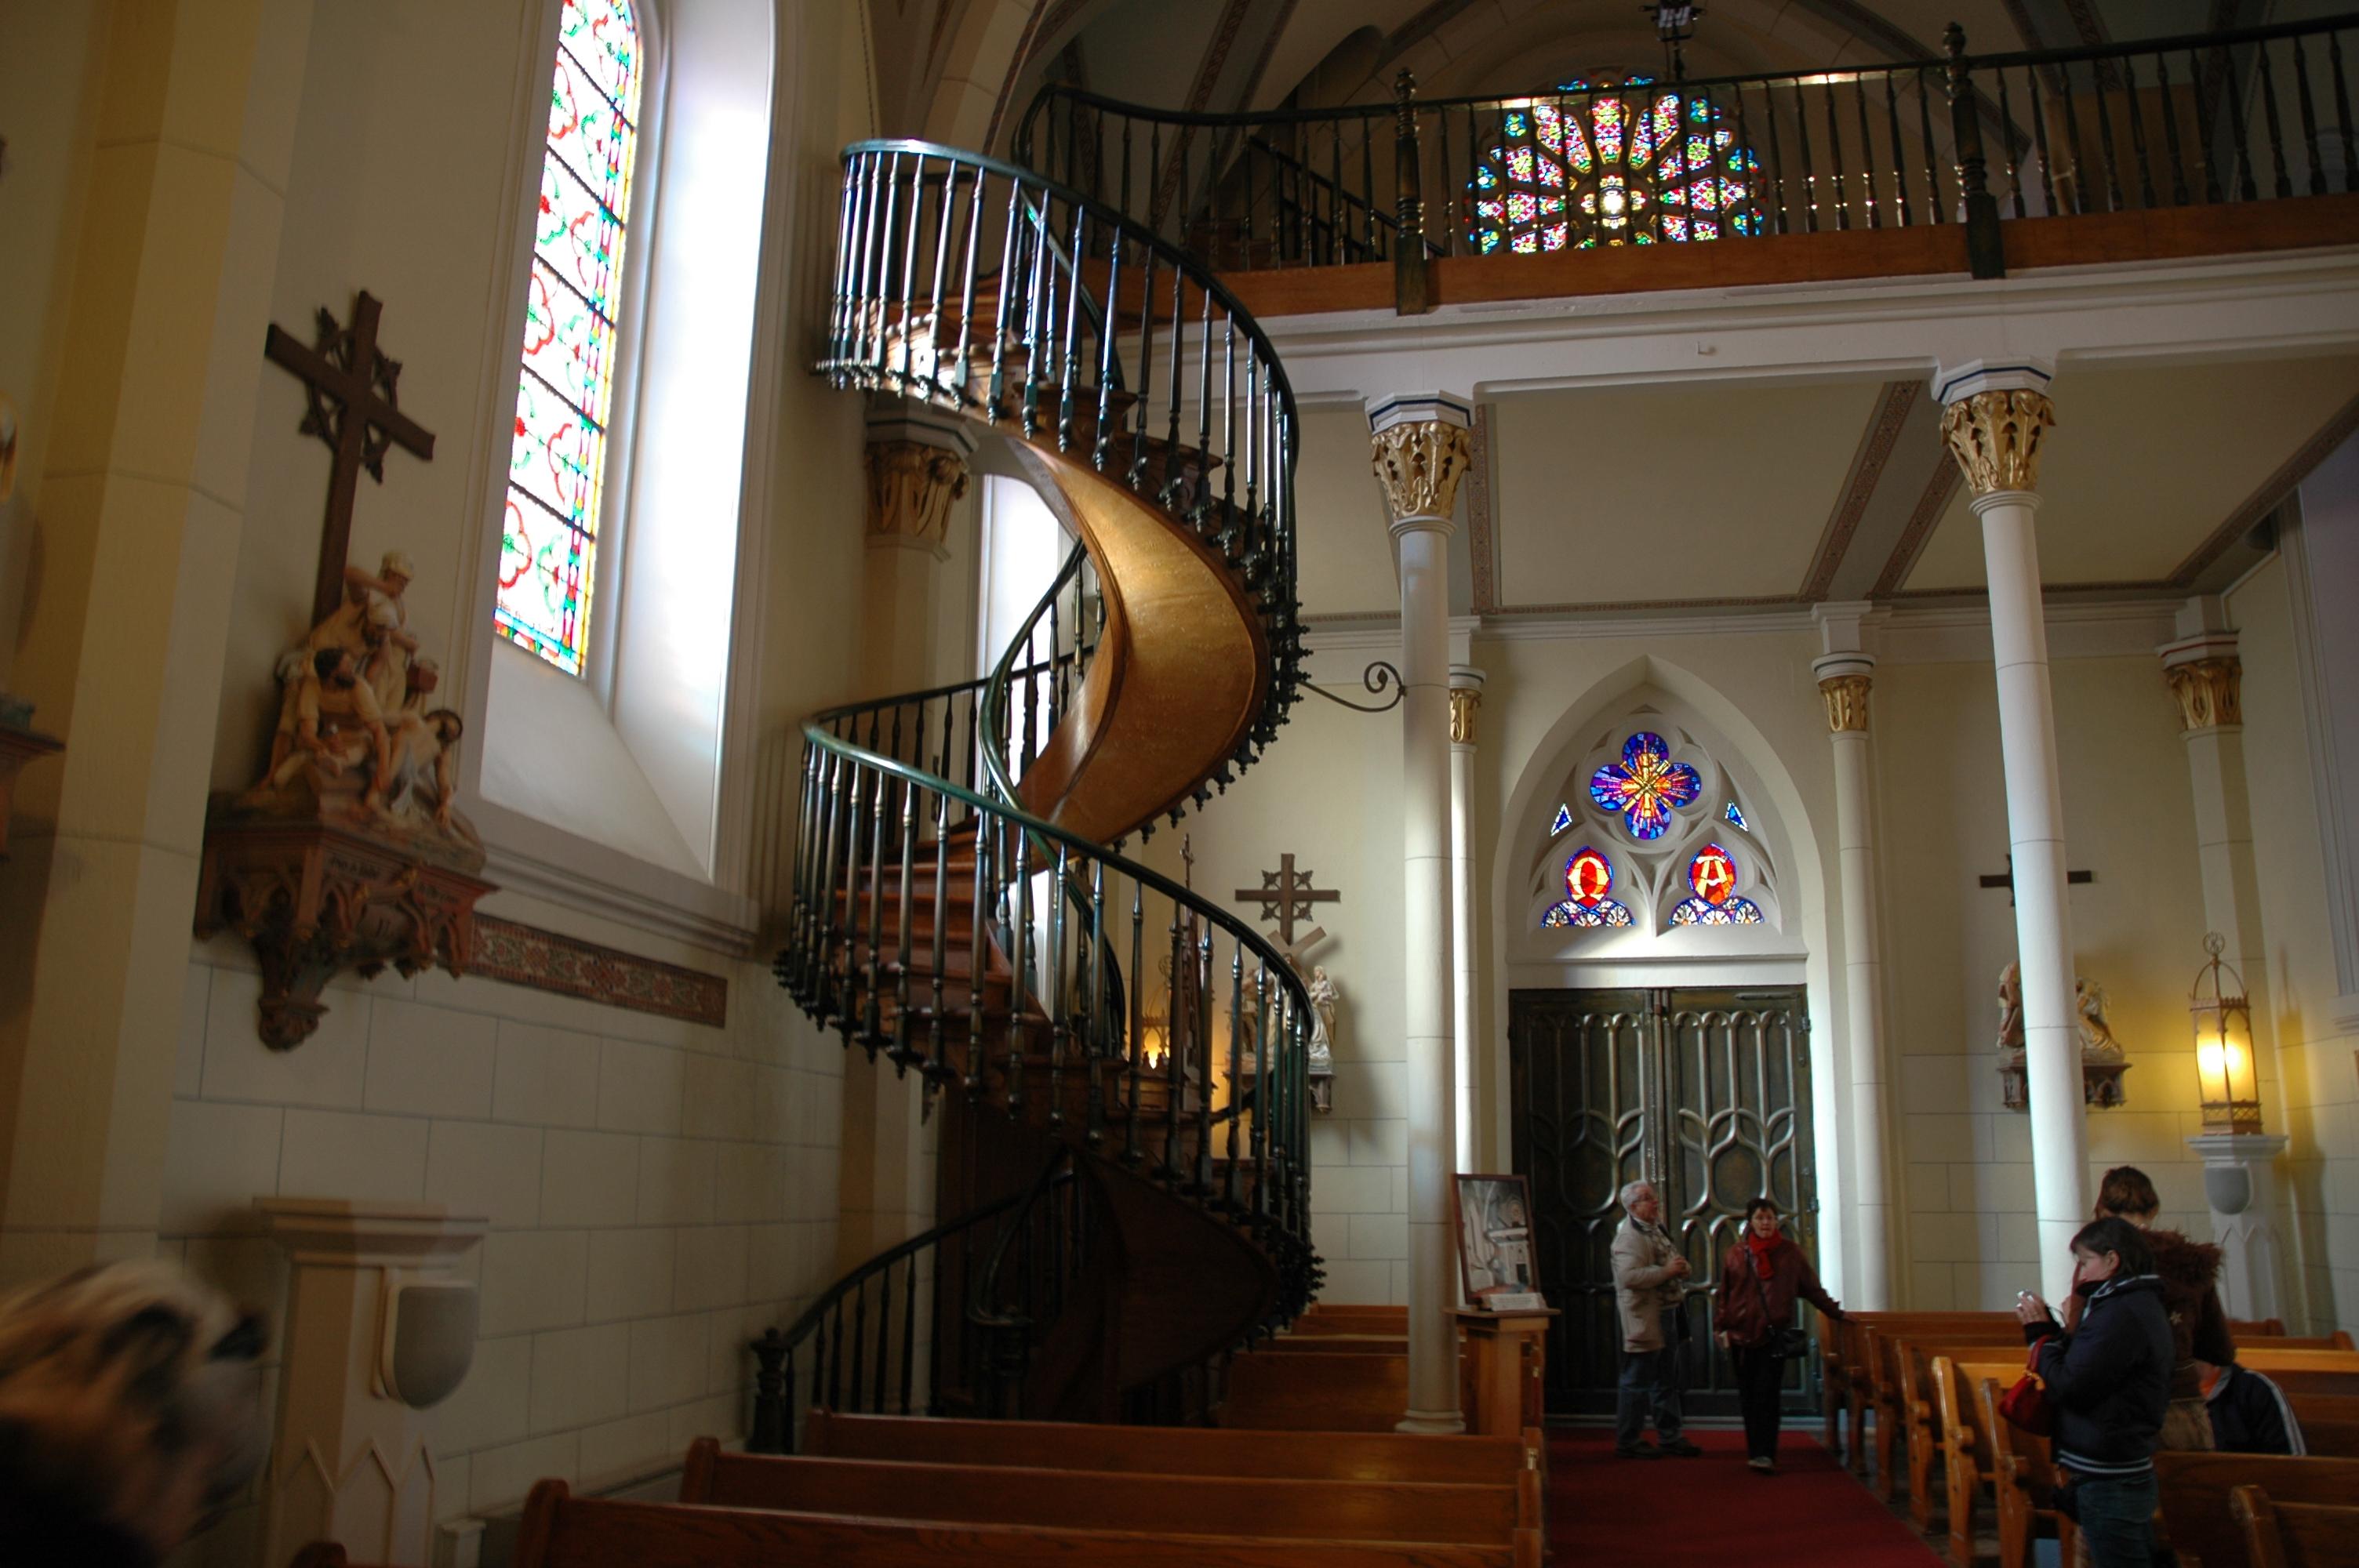 ando la capilla estuvo lista, los constructores se consiguieron con un problema inesperado: no pudieron poner una escalera que llevase desde la nave principal hasta arriba, al segundo piso, donde se ubicaba el coro. Se trataba de un error de diseño del arquitecto del edificio, Antonio Mouly, quien murió antes de poder solucionarlo.